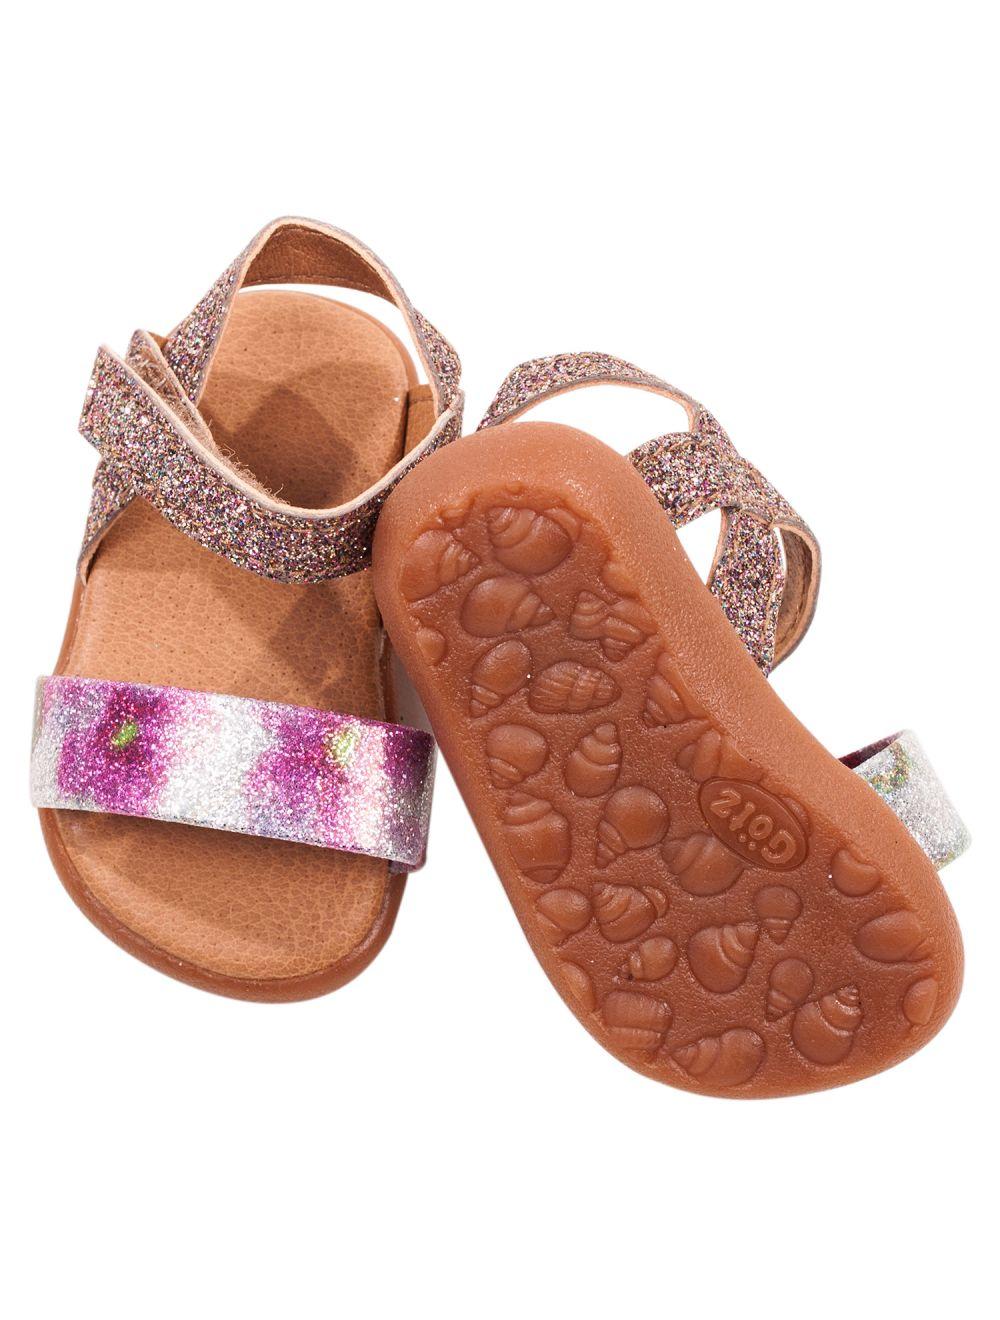 suvised sandaalid 42-50cm nukule